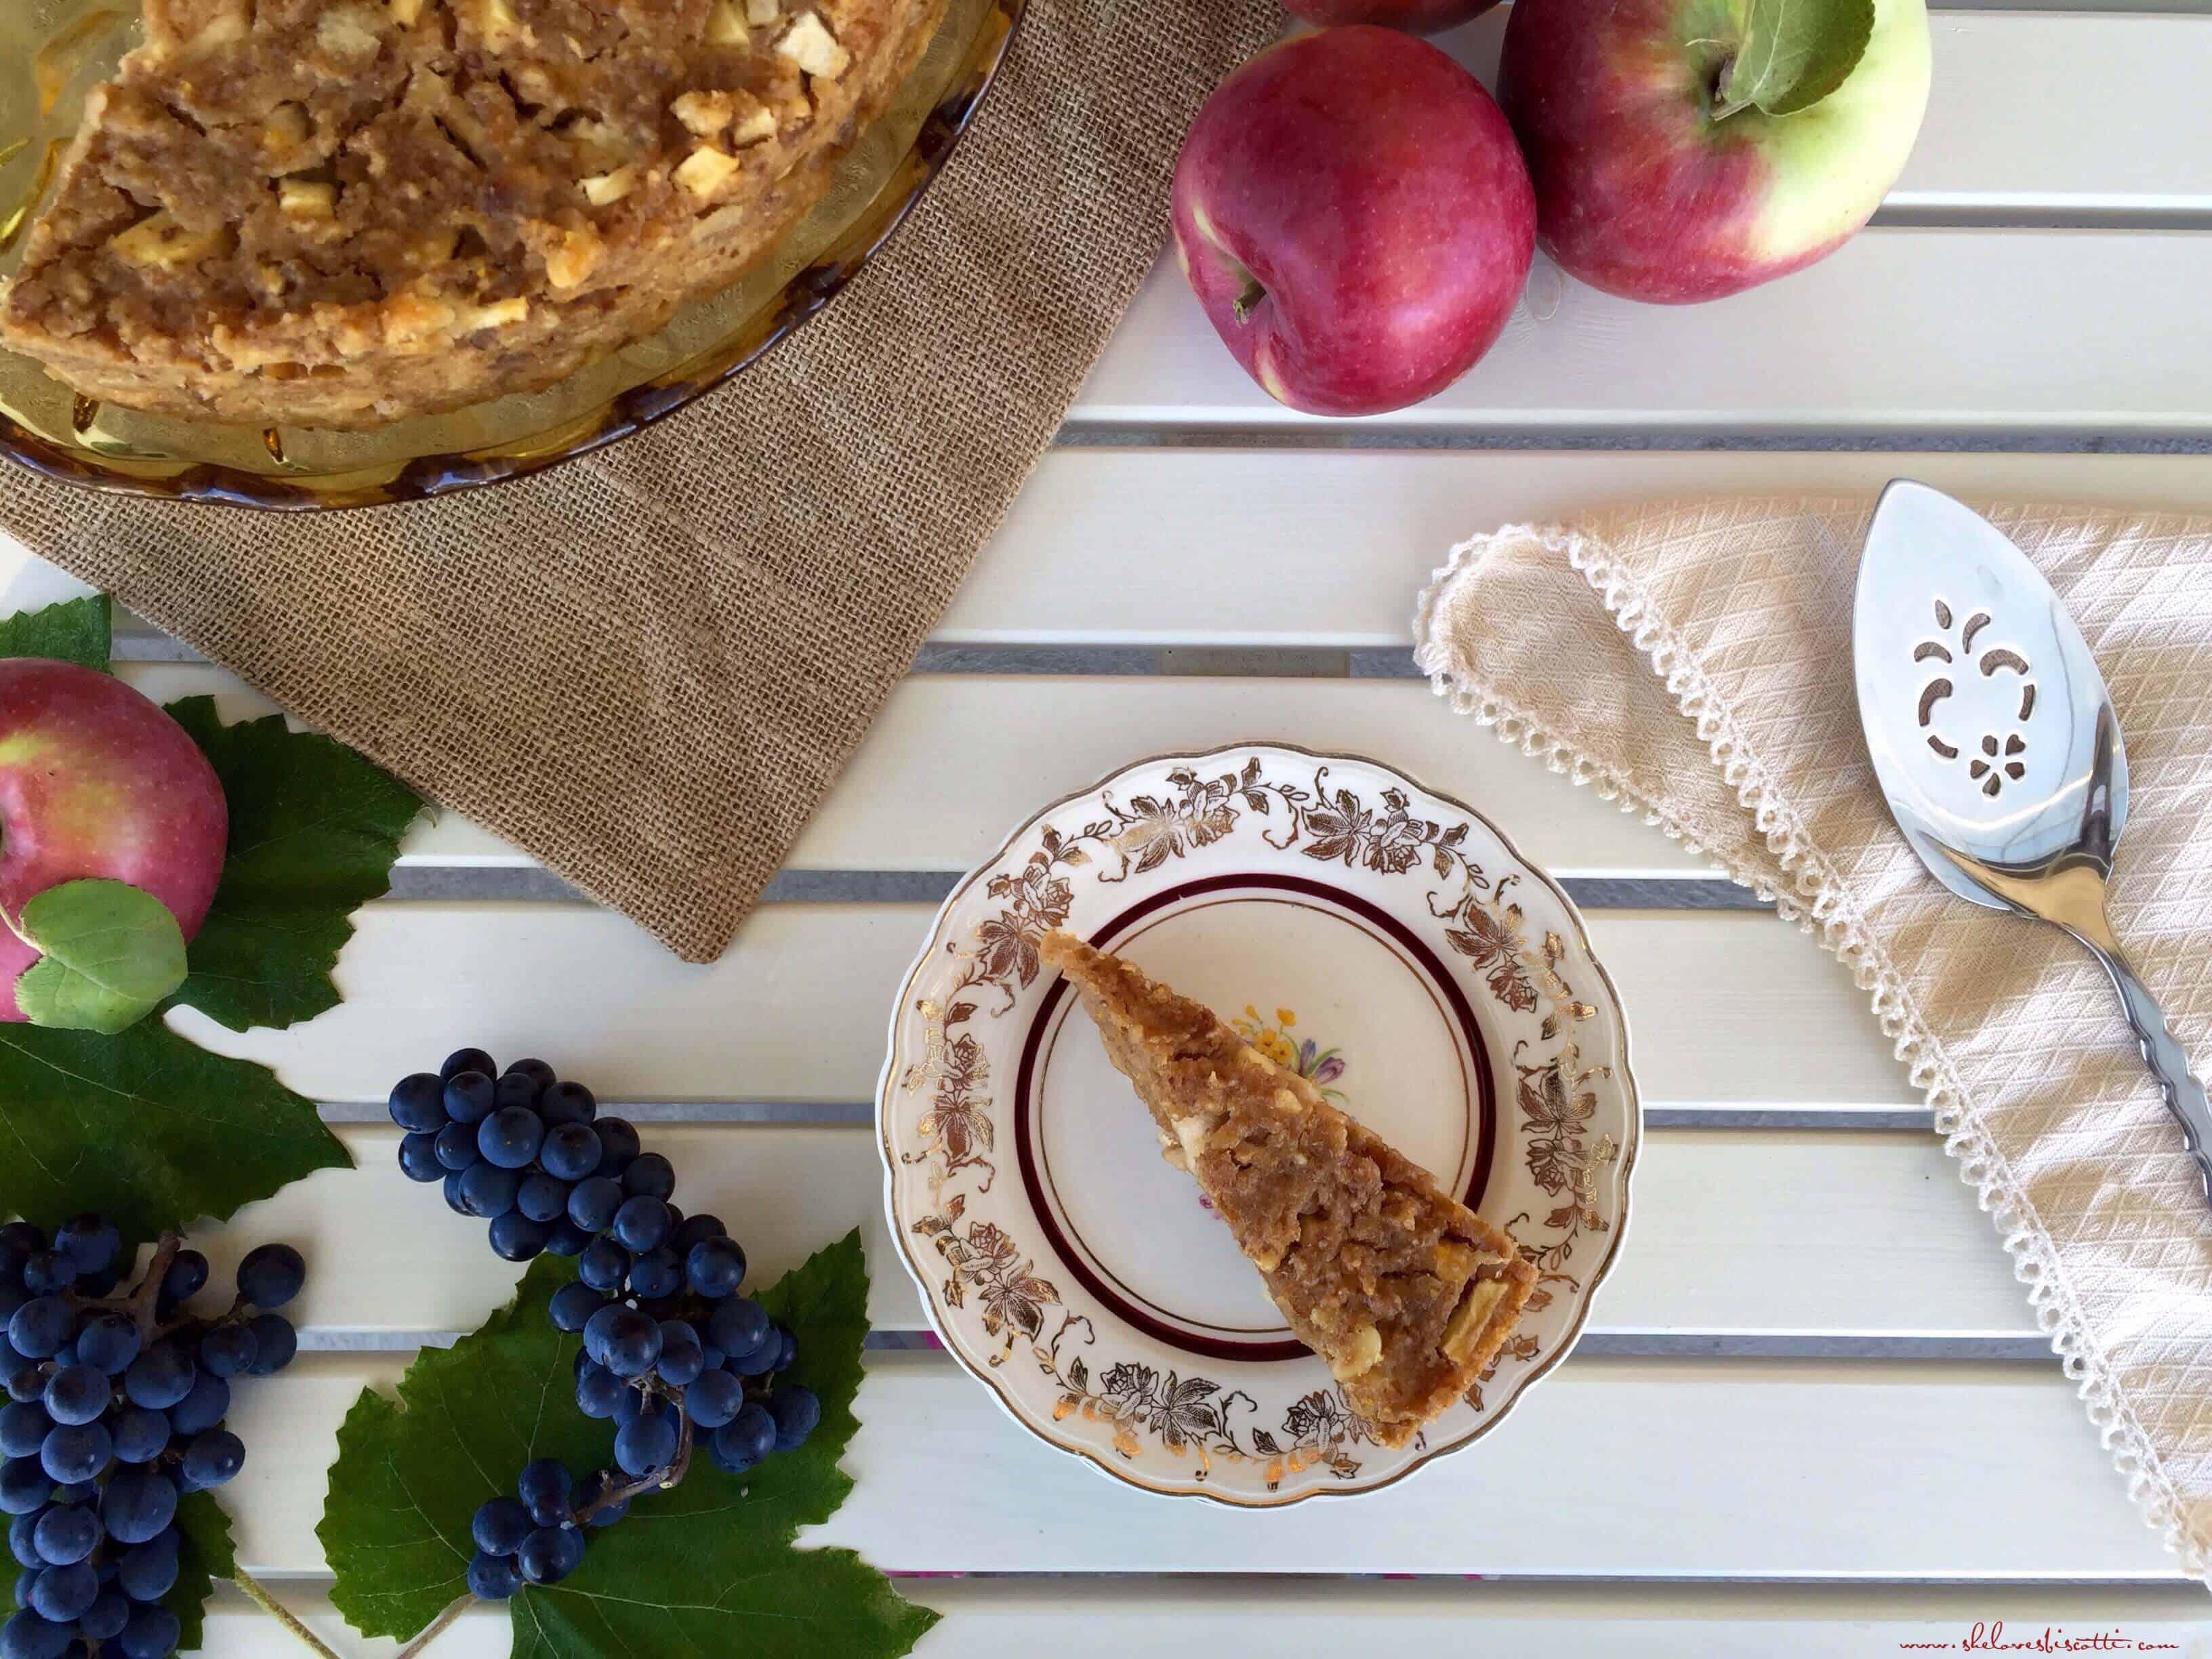 Lake Como's Apple Pear Bread Pudding